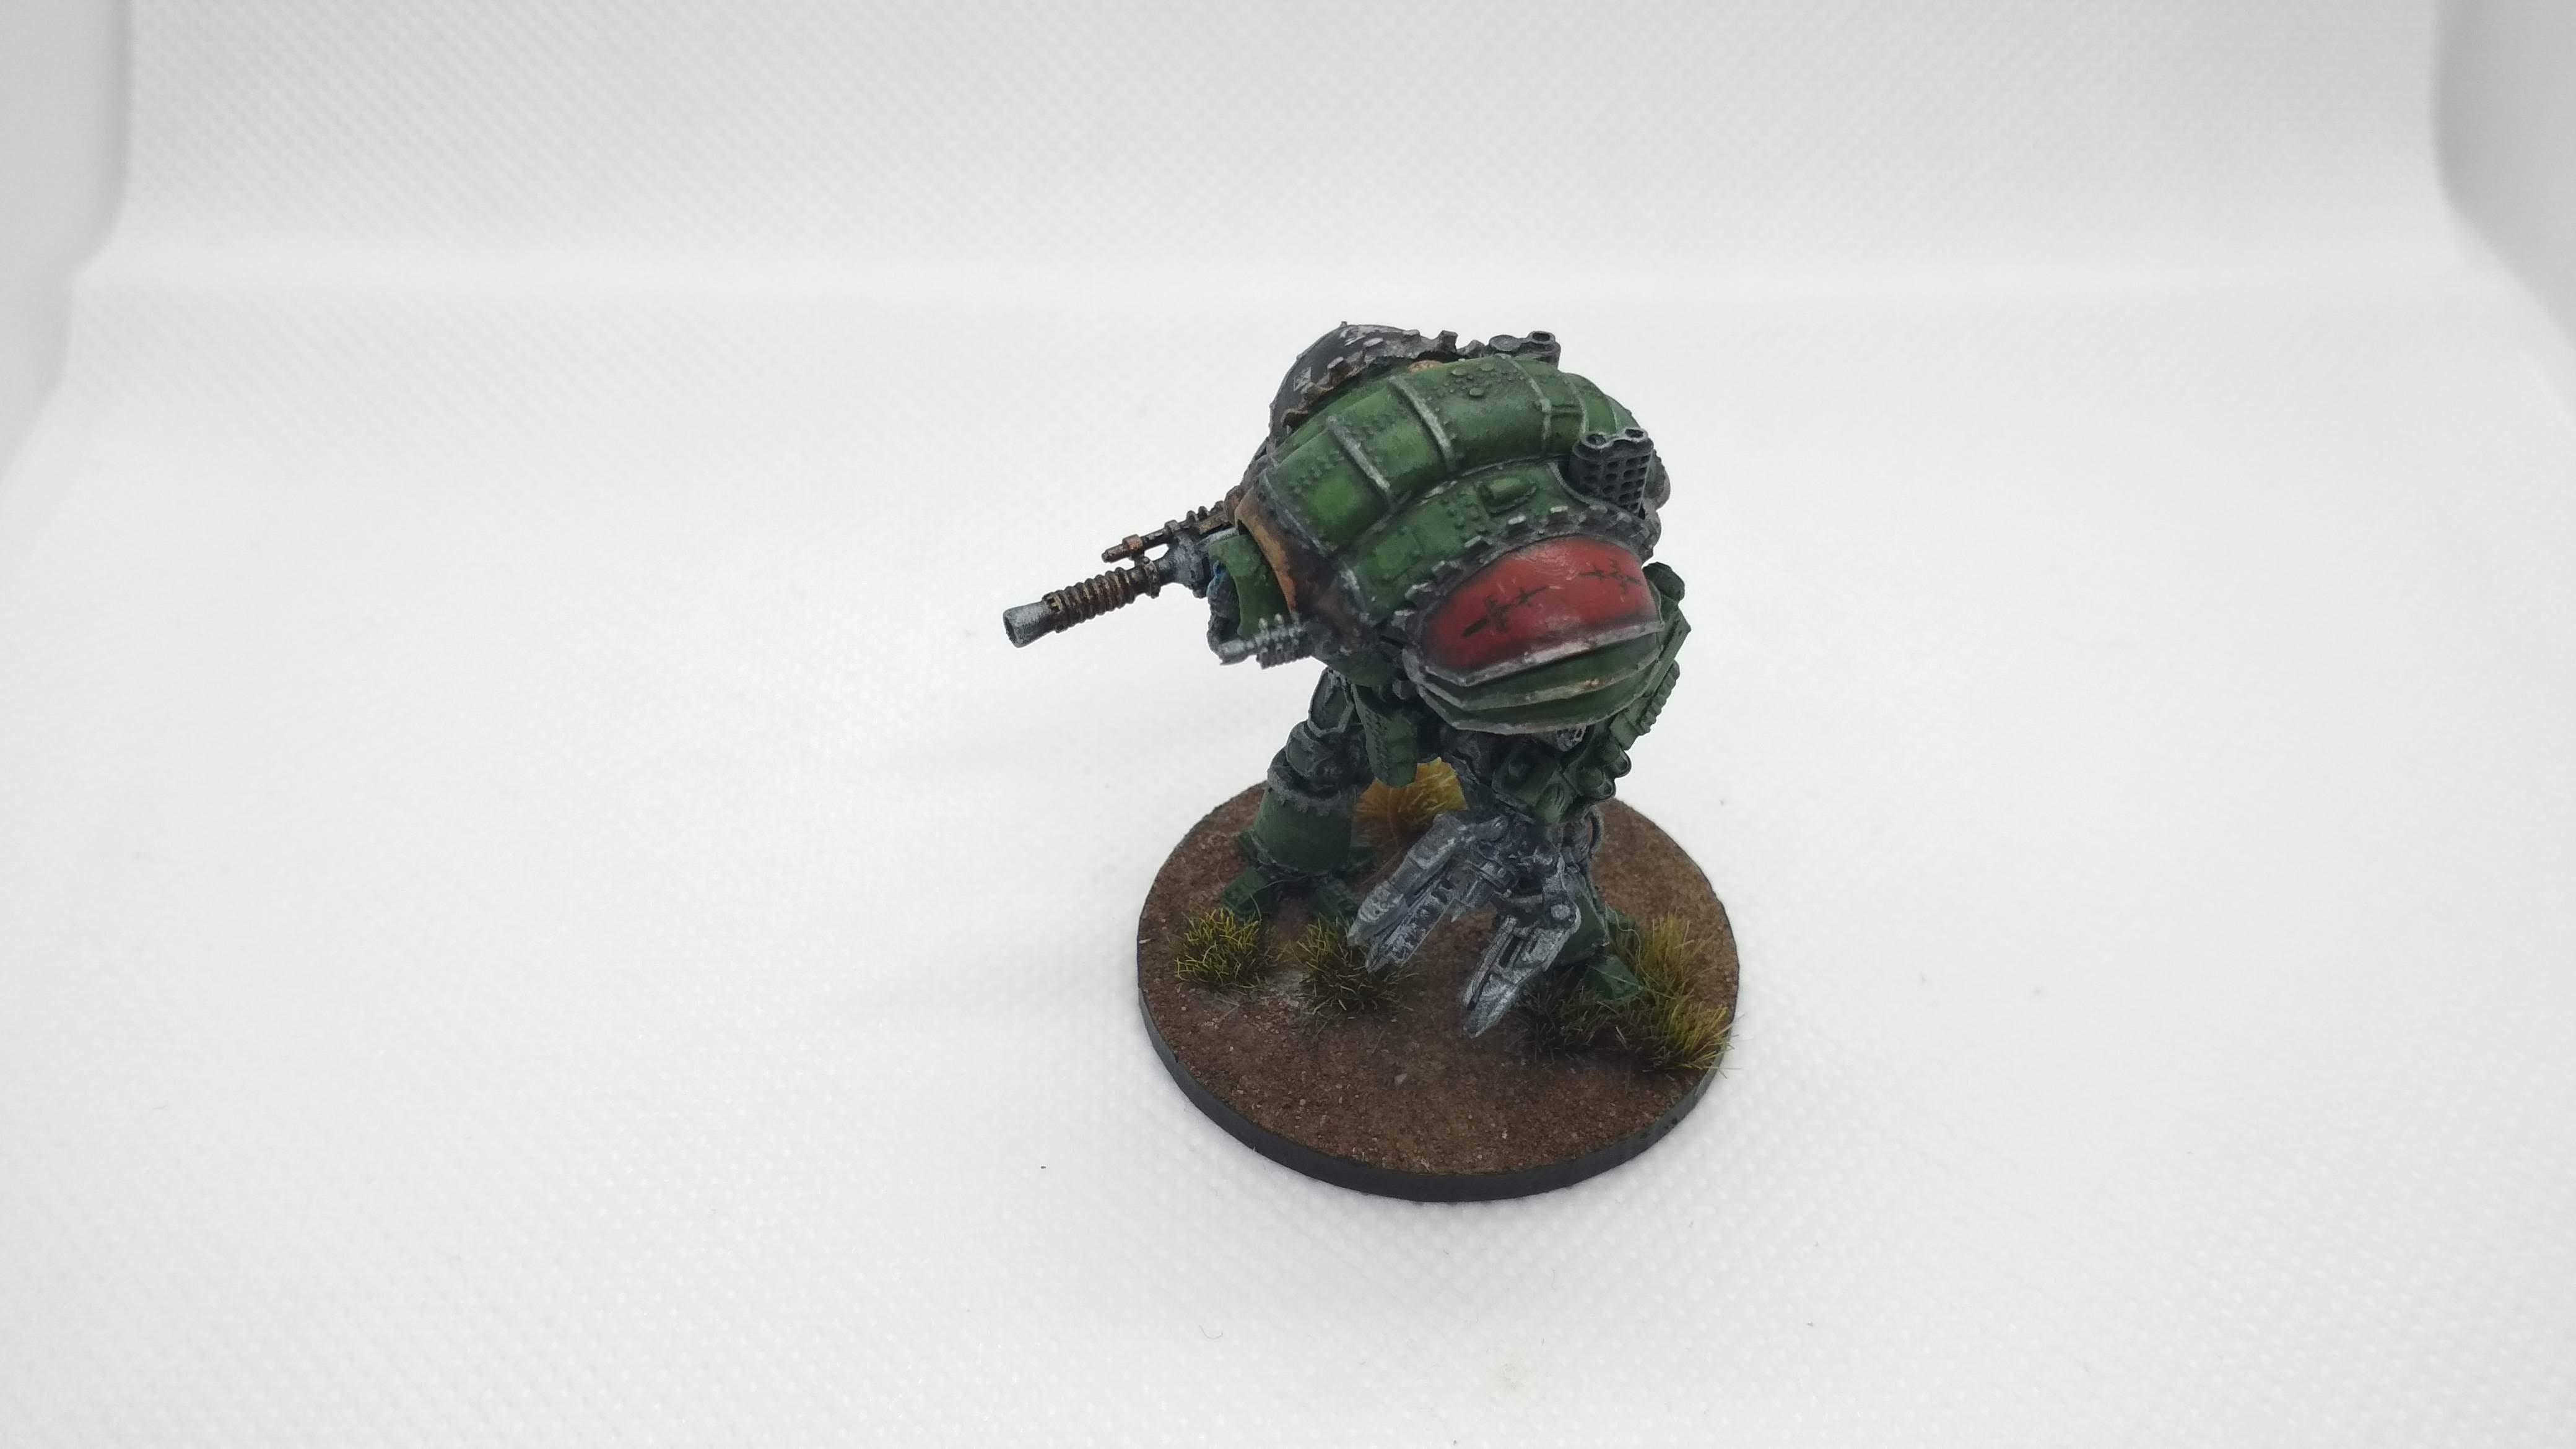 Knight magaera AT Vyronii